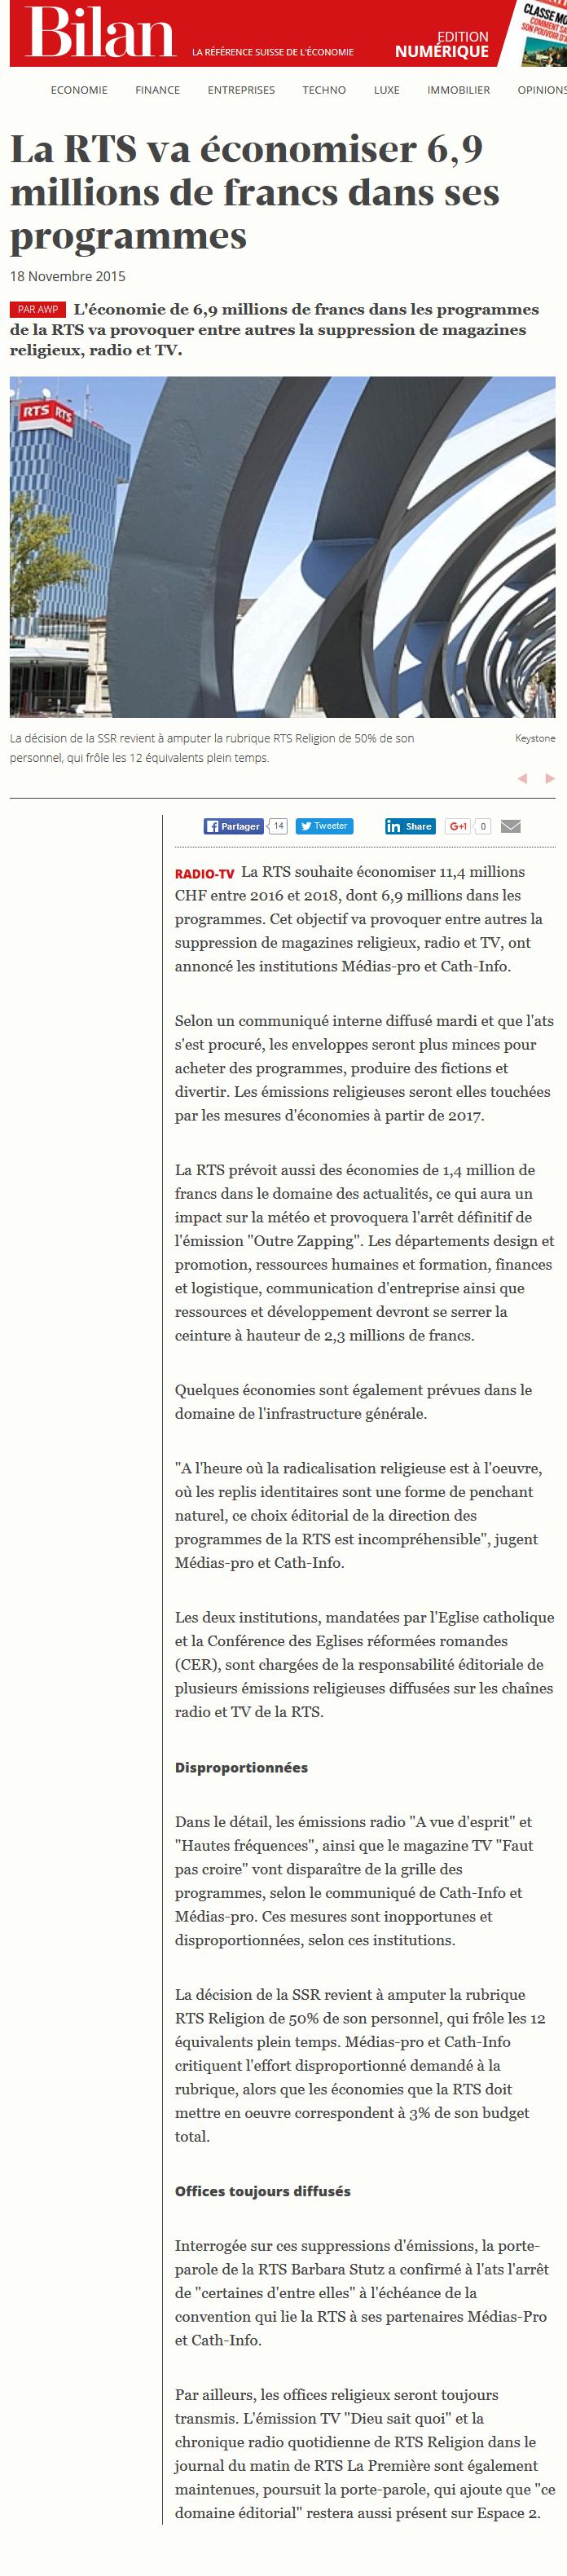 2015-11-18 La RTS va economiser 6,9 millions de francs dans ses programmes (Bilan)